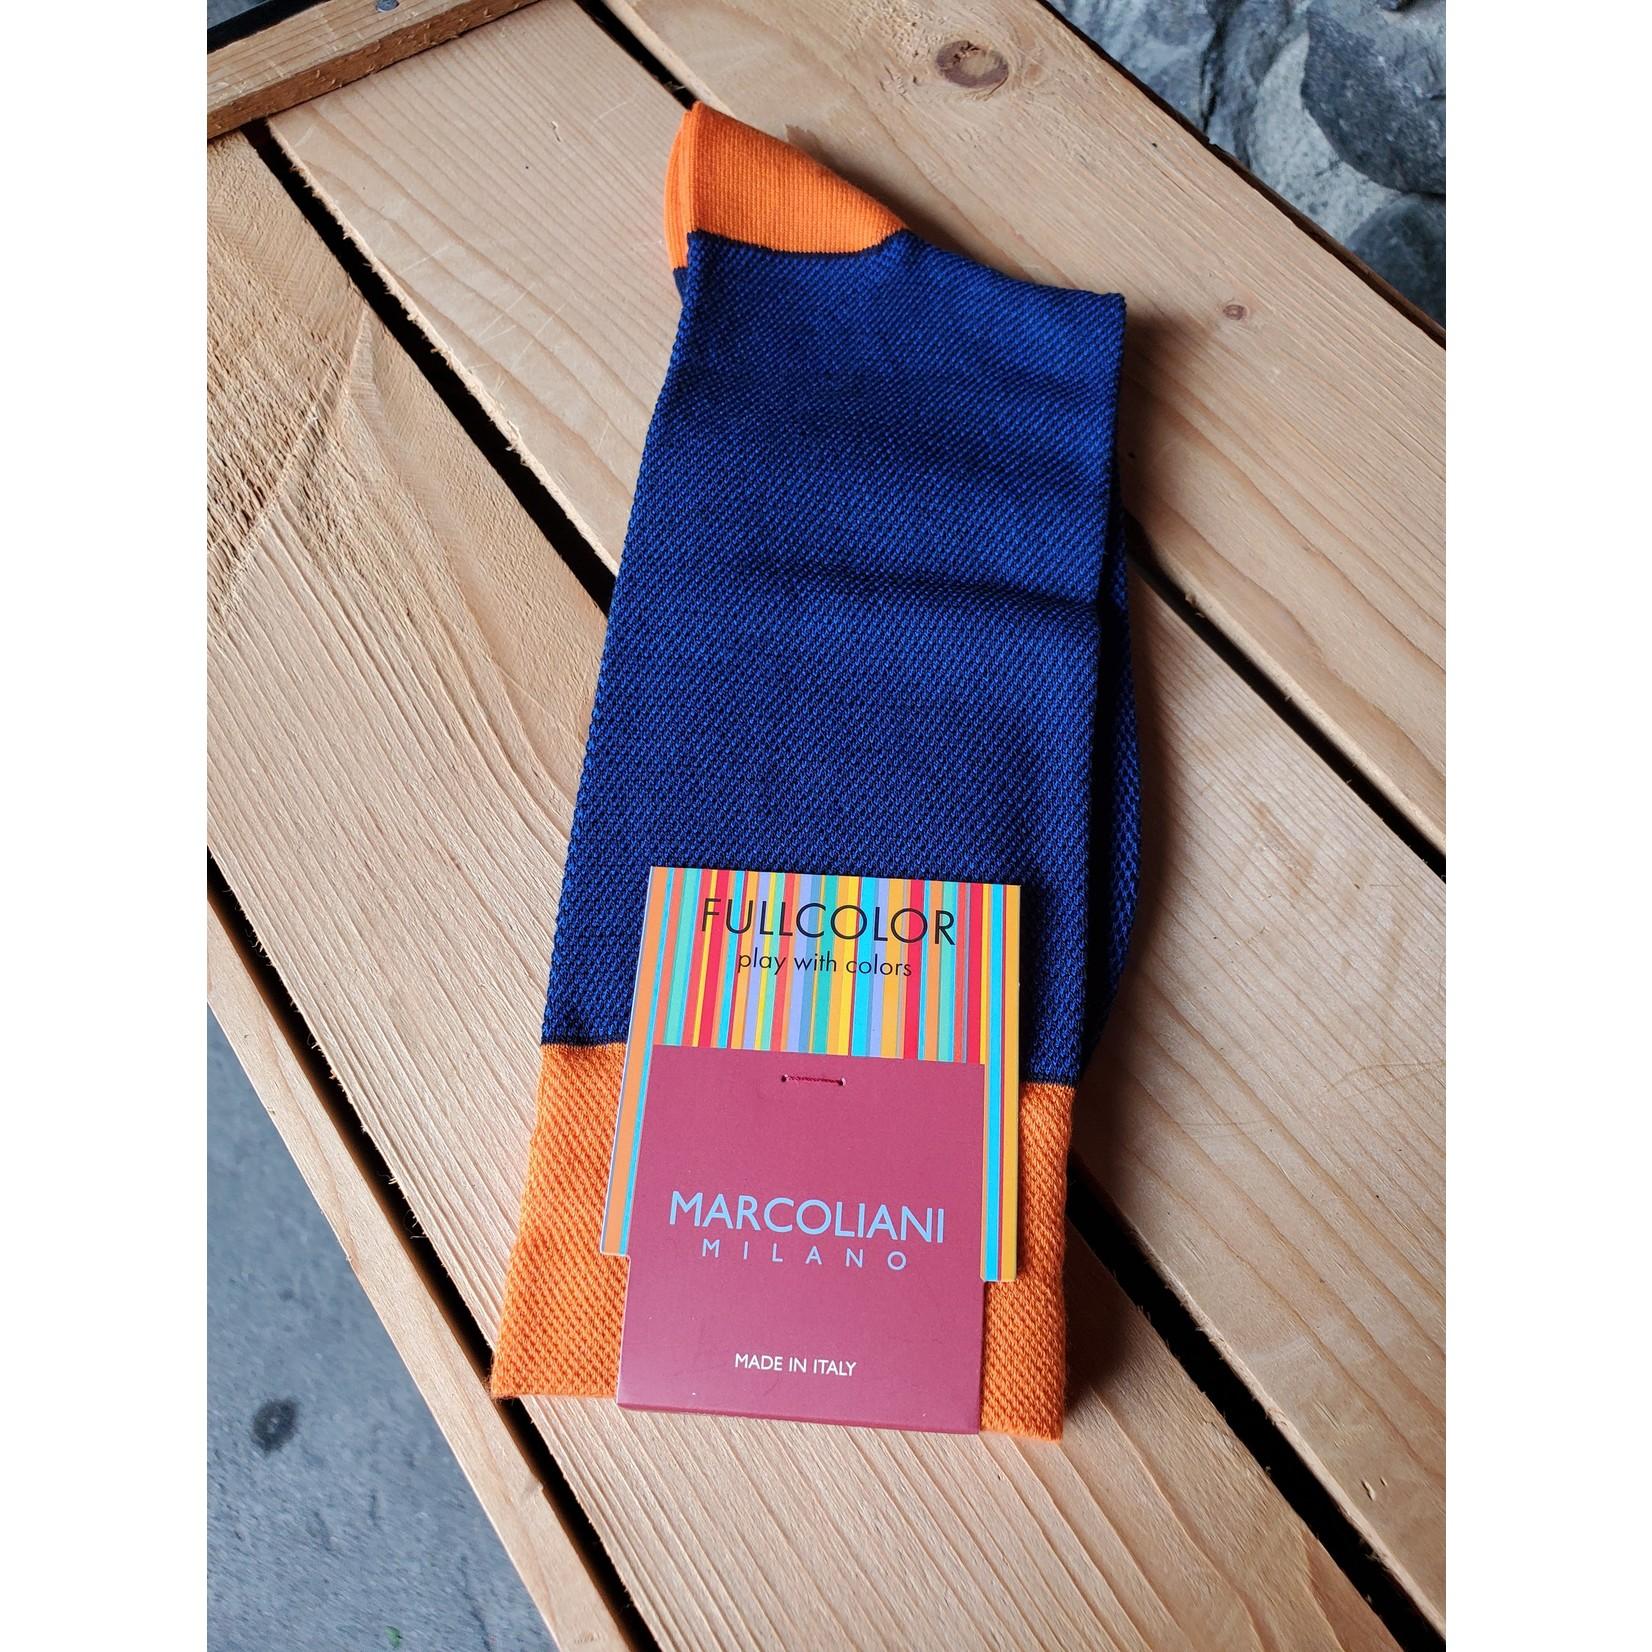 Marcoliani Marcoliani MAR4400T Pima Cotton Contrast Piqué 081 Royal Blue